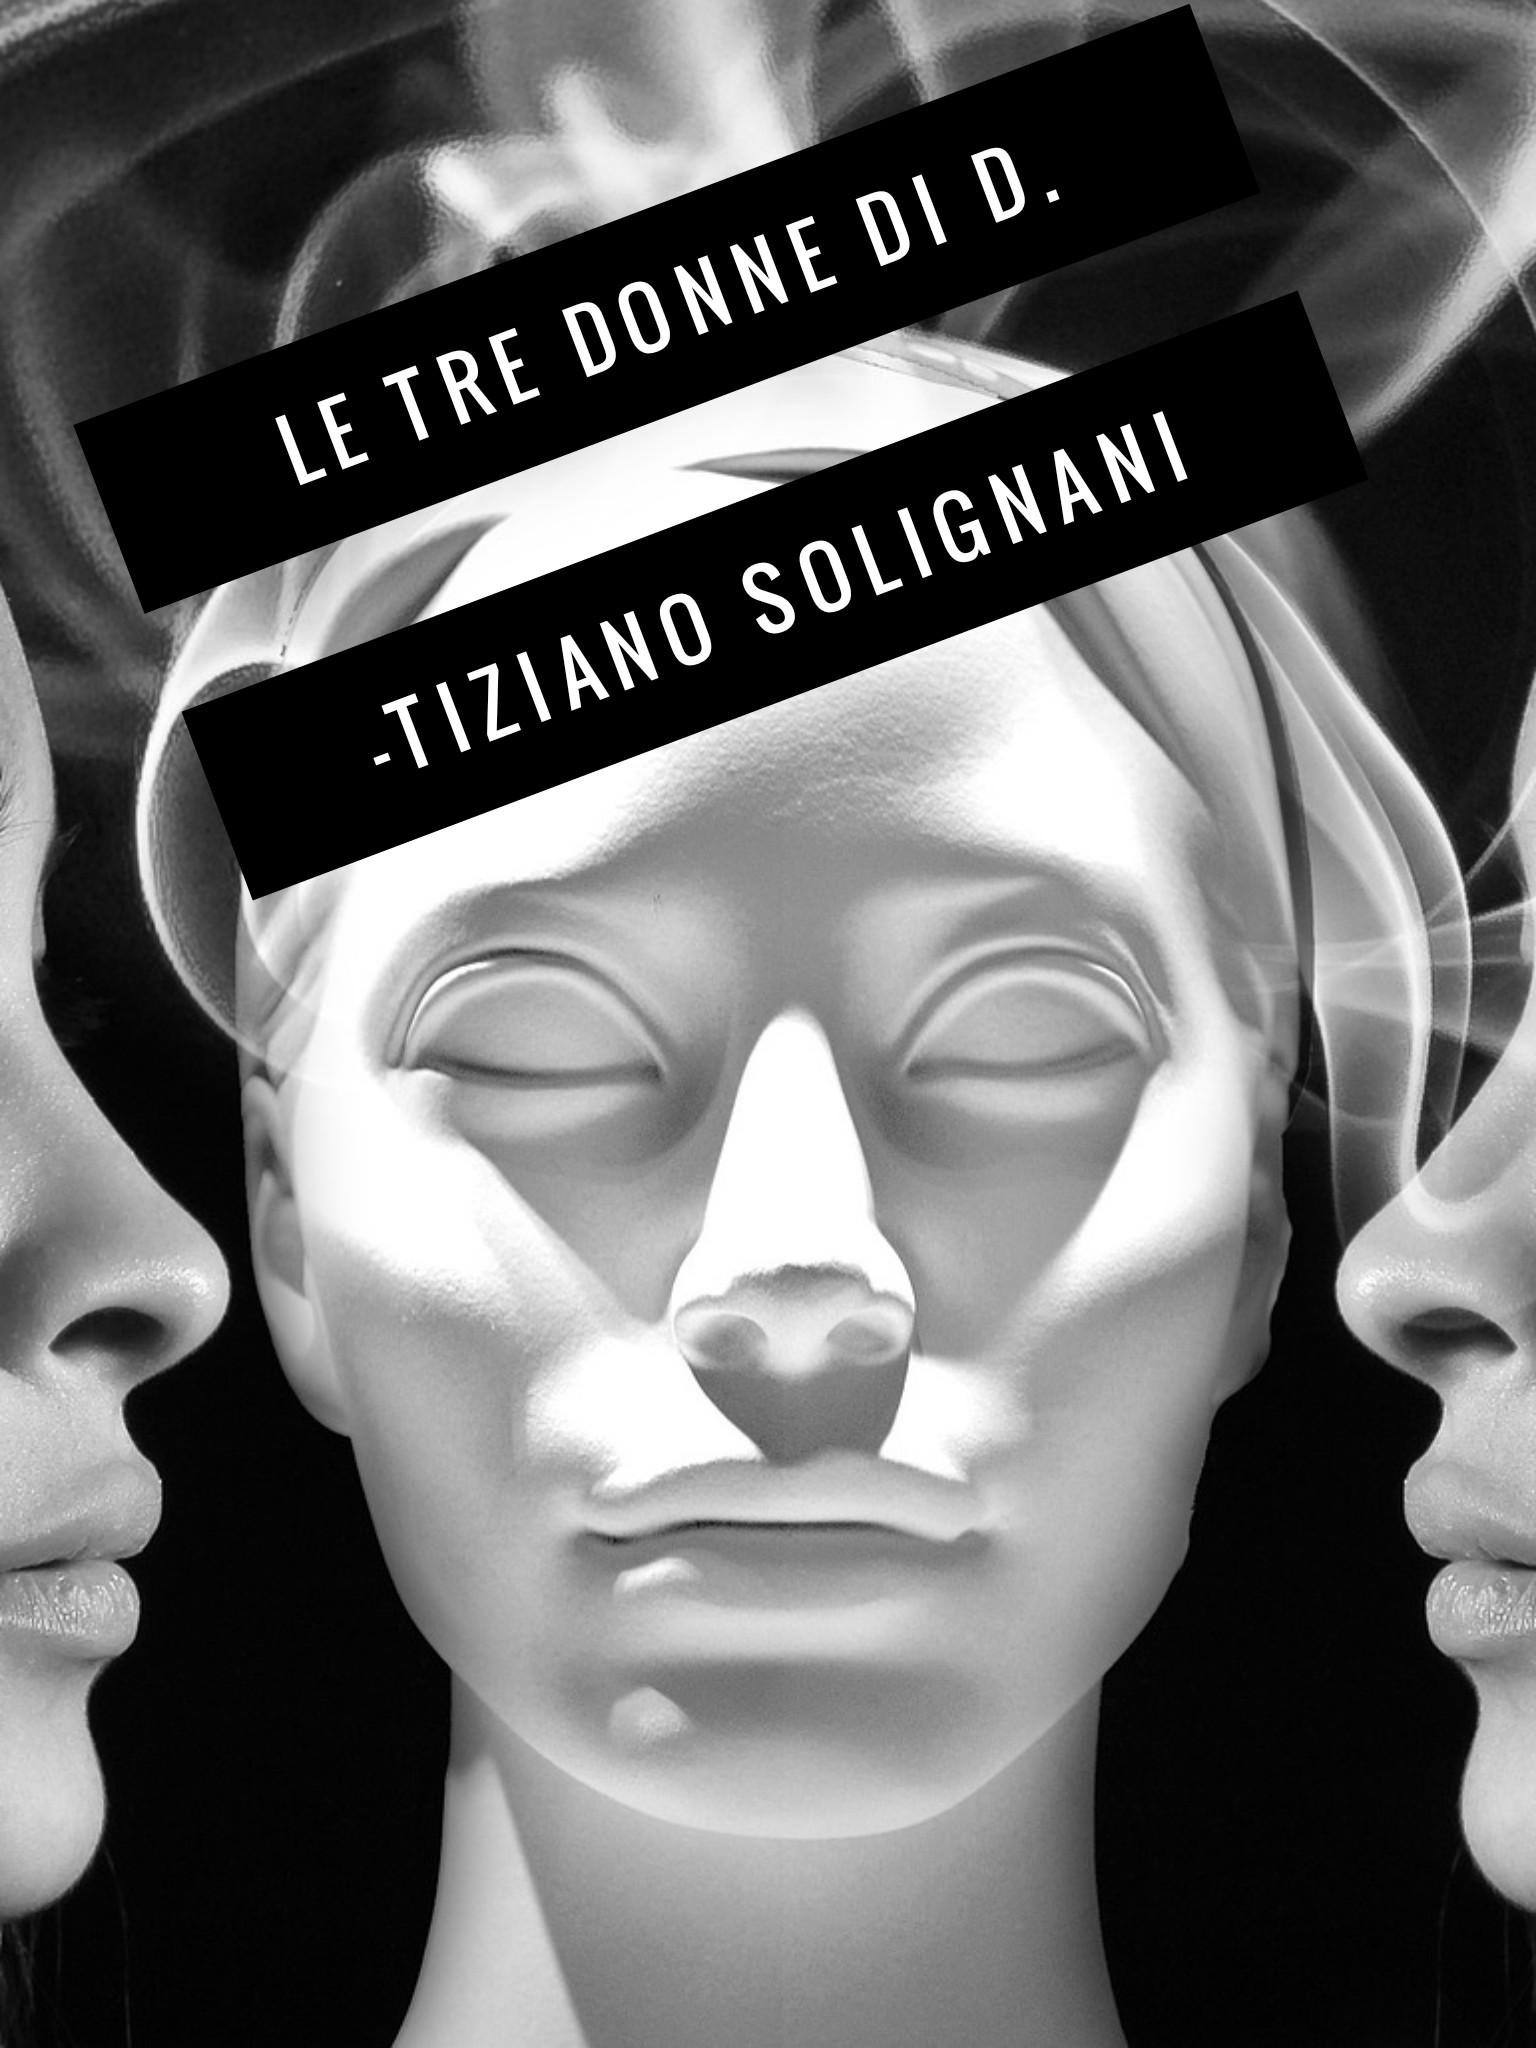 Le tre donne di D. | Tiziano Solignani